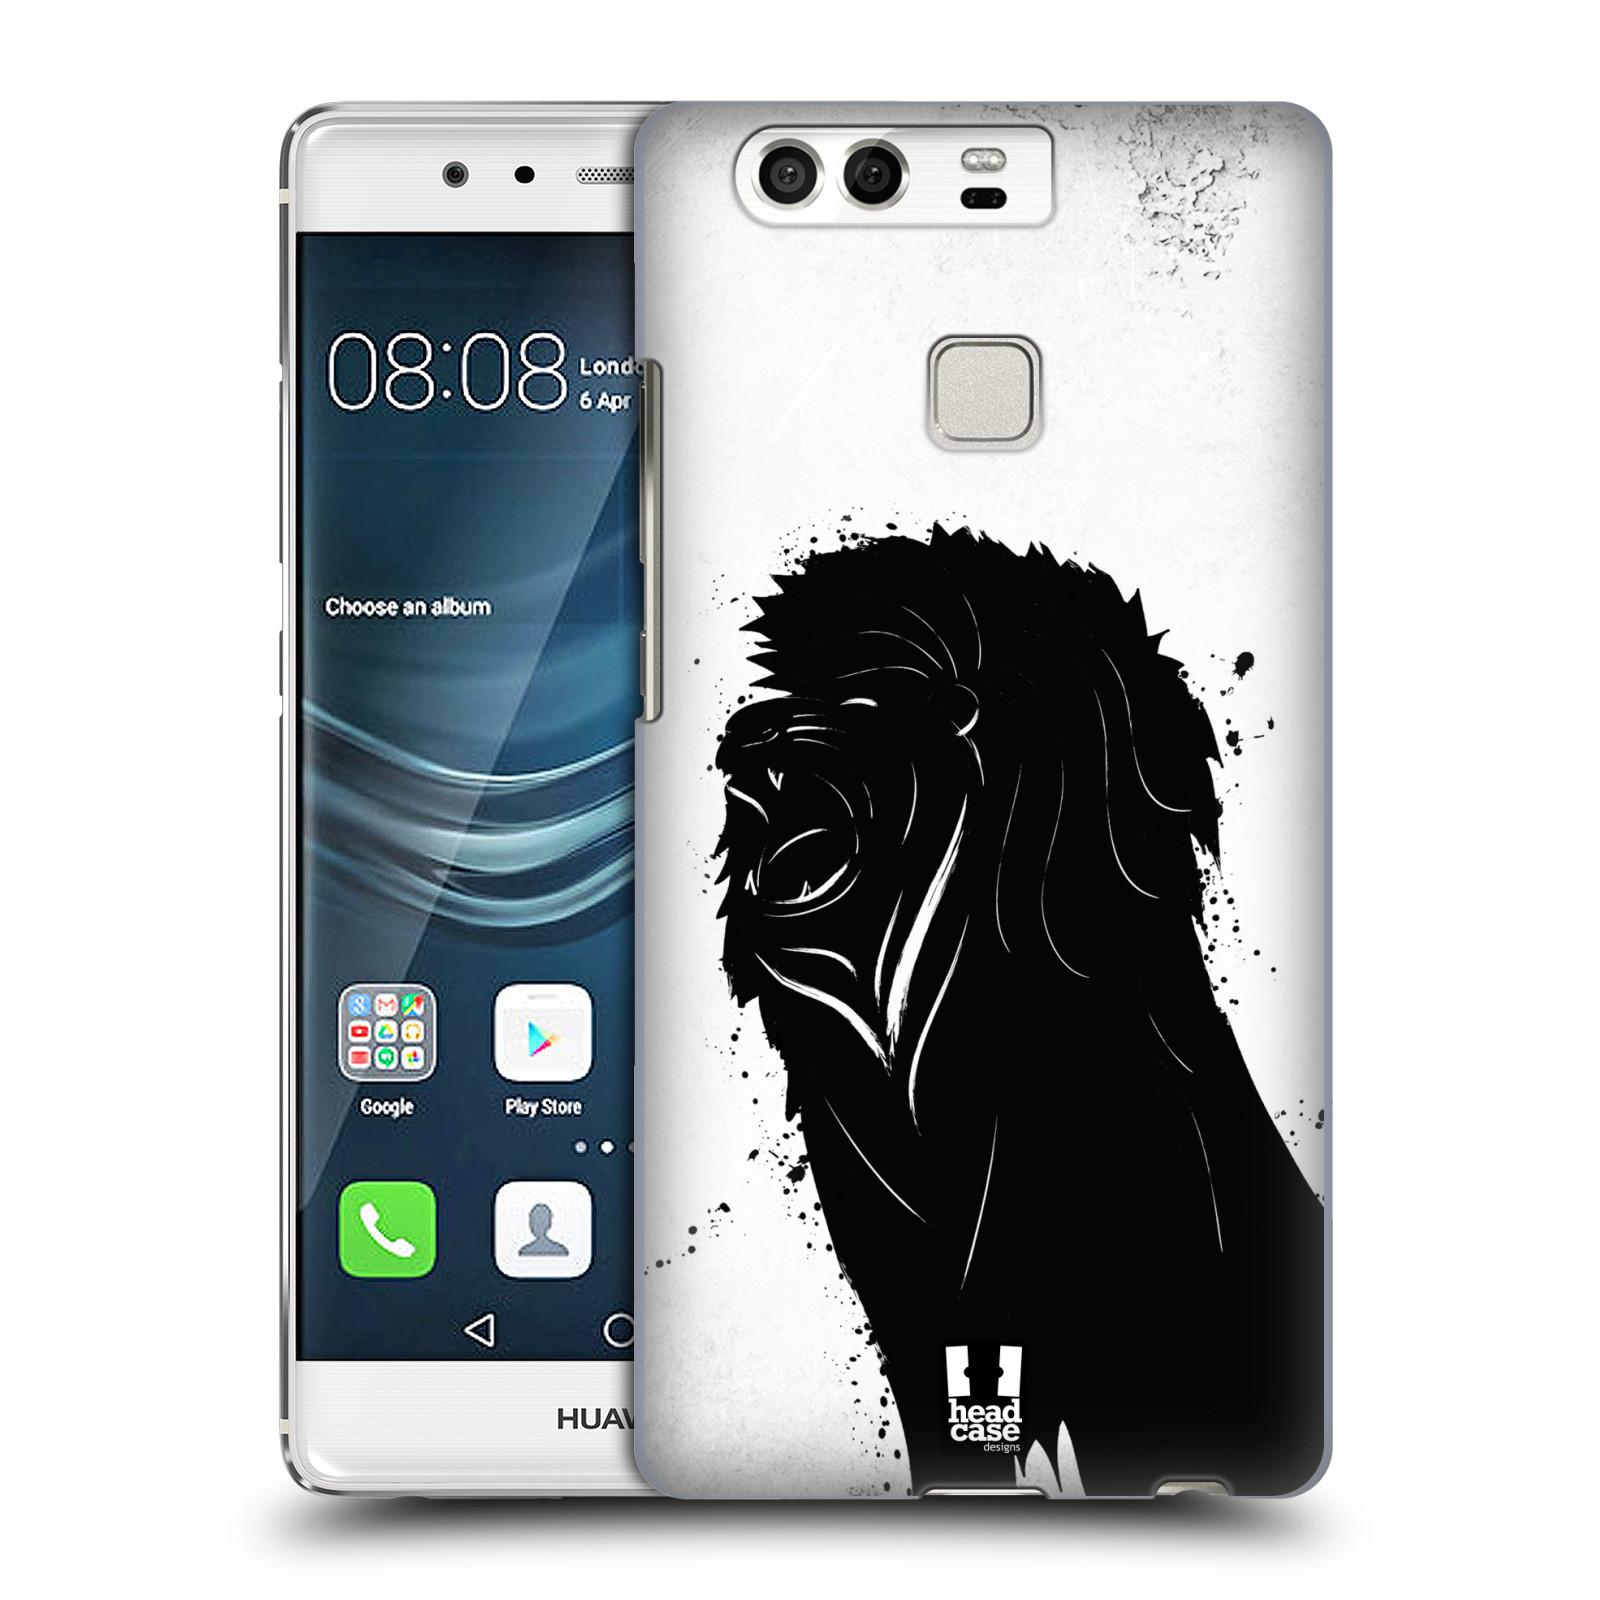 HEAD CASE plastový obal na mobil Huawei P9 / P9 DUAL SIM vzor Kresba tuš zvíře lev